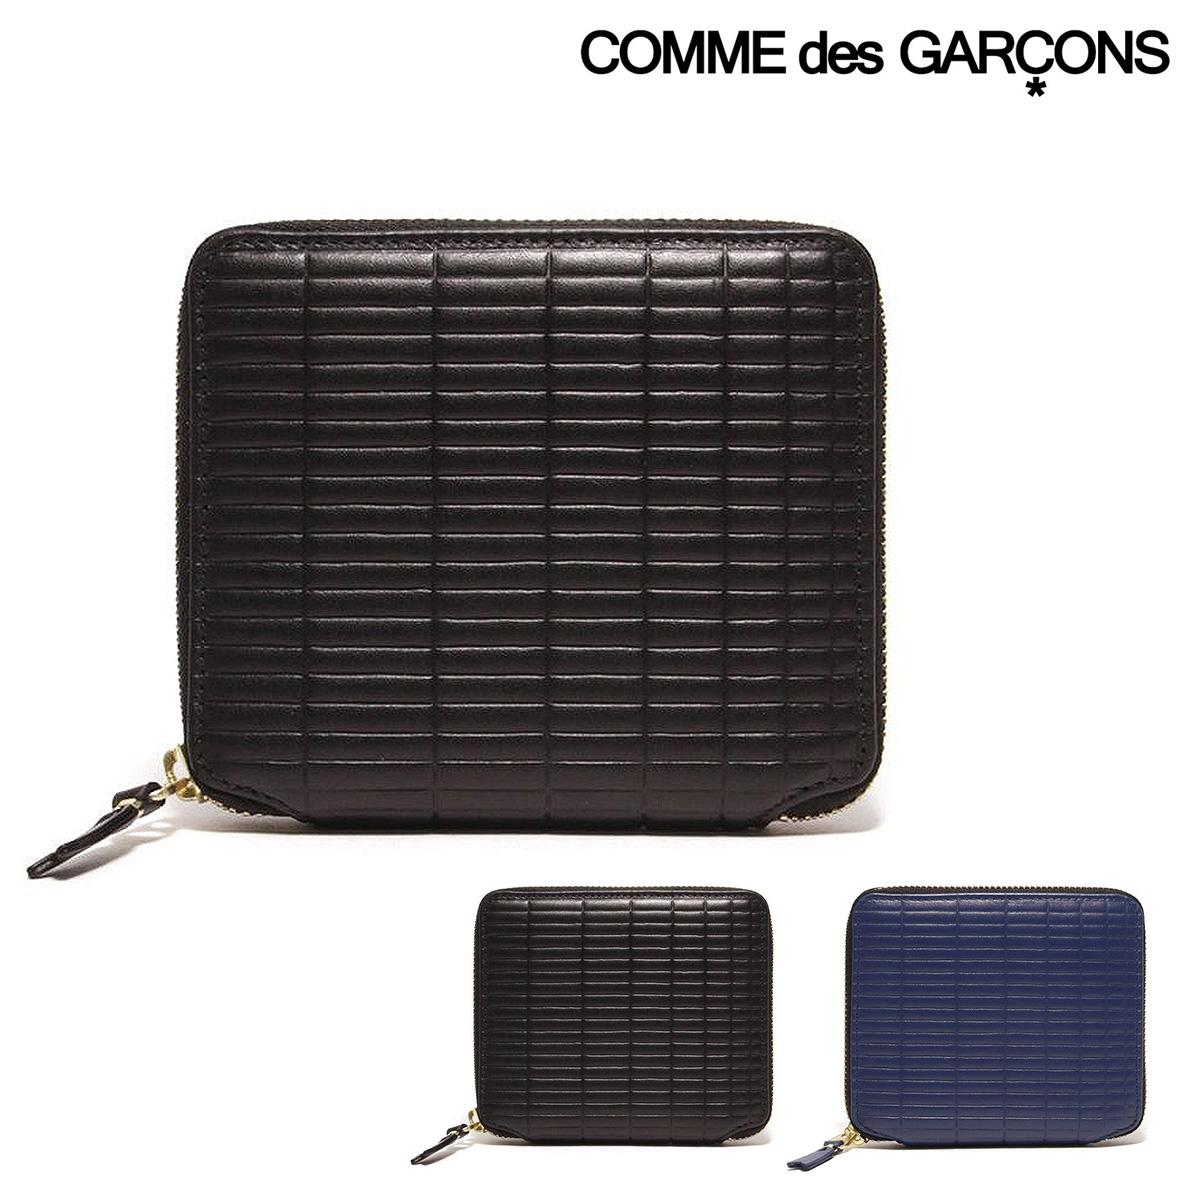 コムデギャルソン 二つ折り財布 メンズ レディース SA2100BK COMME des GARCONS | ブリックウォレット レザー ブランド専用BOX付き